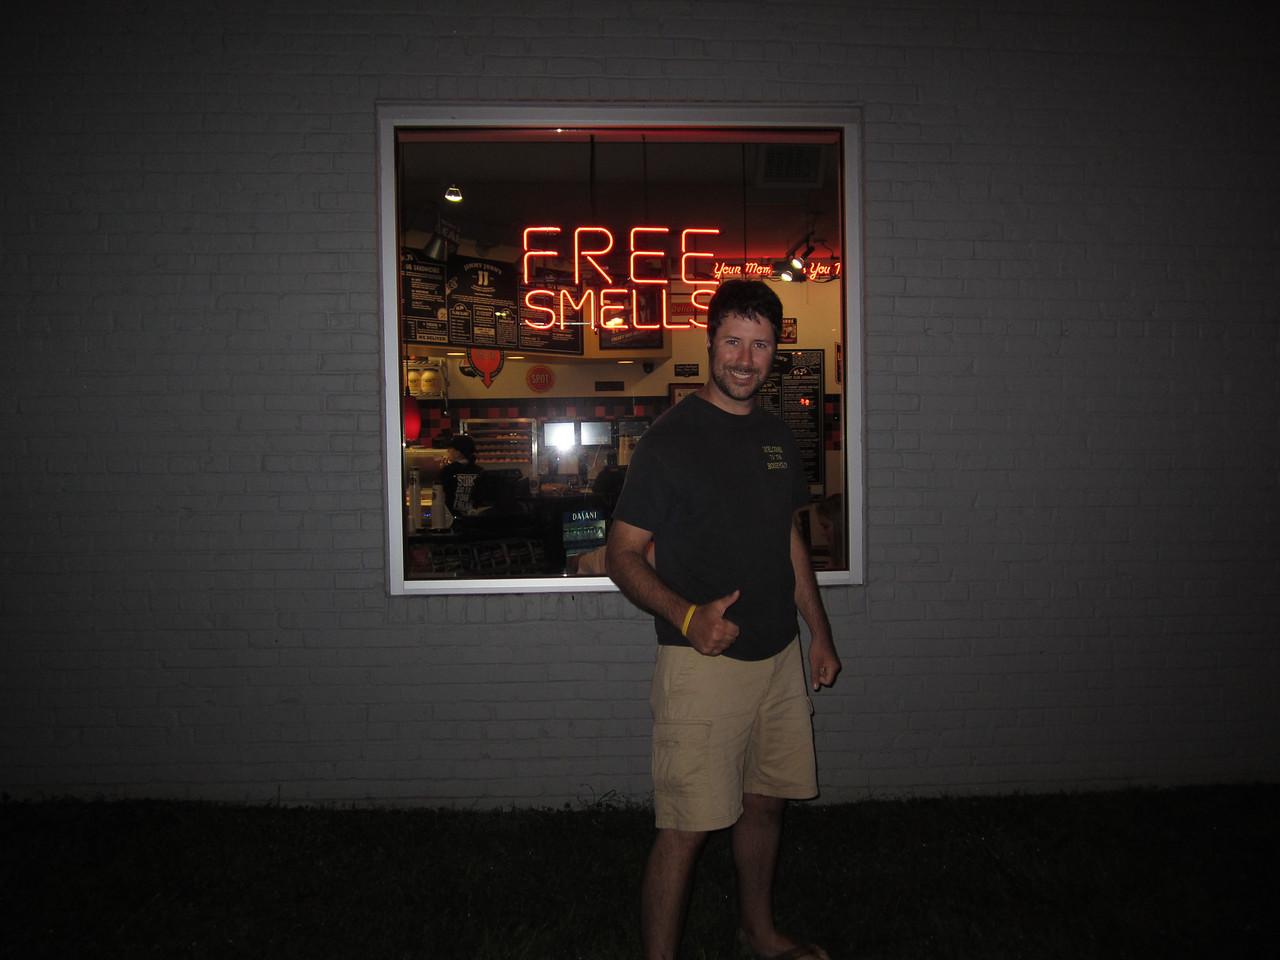 10/1/2011 ECU vs North Carolina  Free smells - Preston